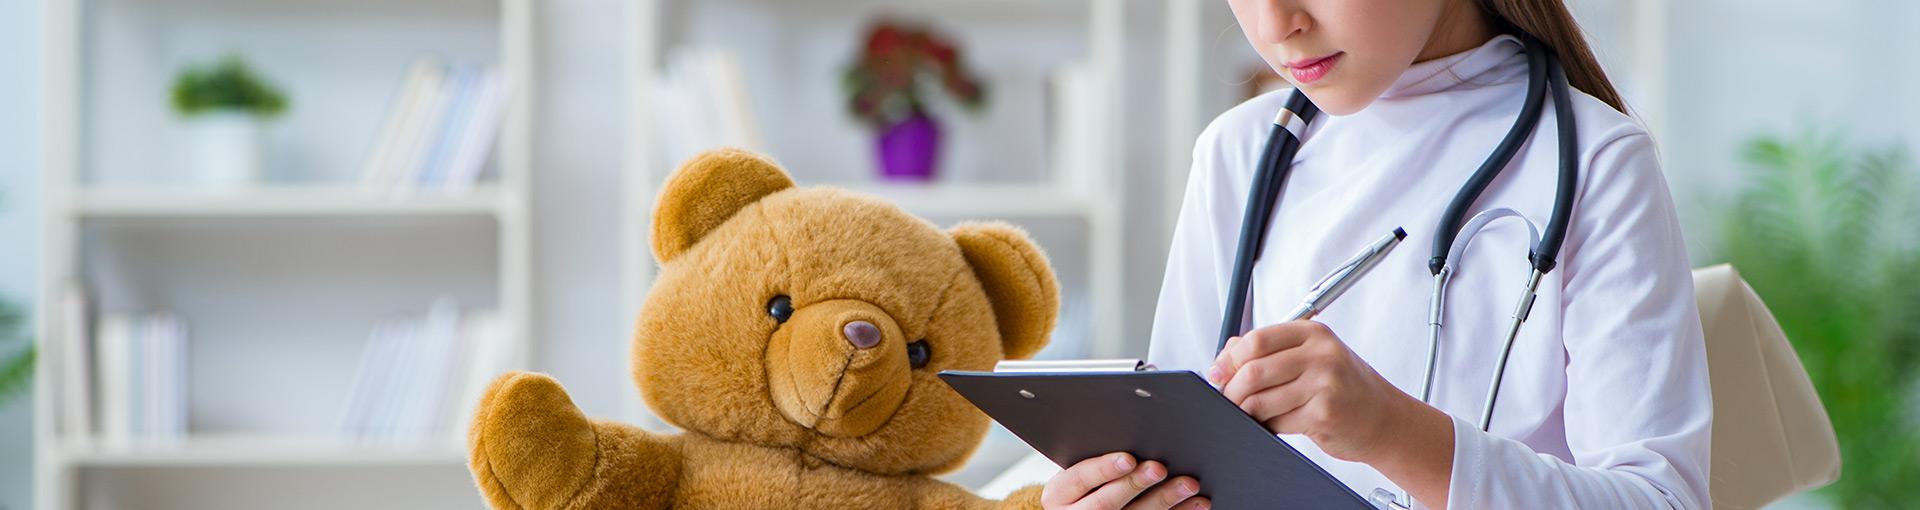 Pediatric Doctor